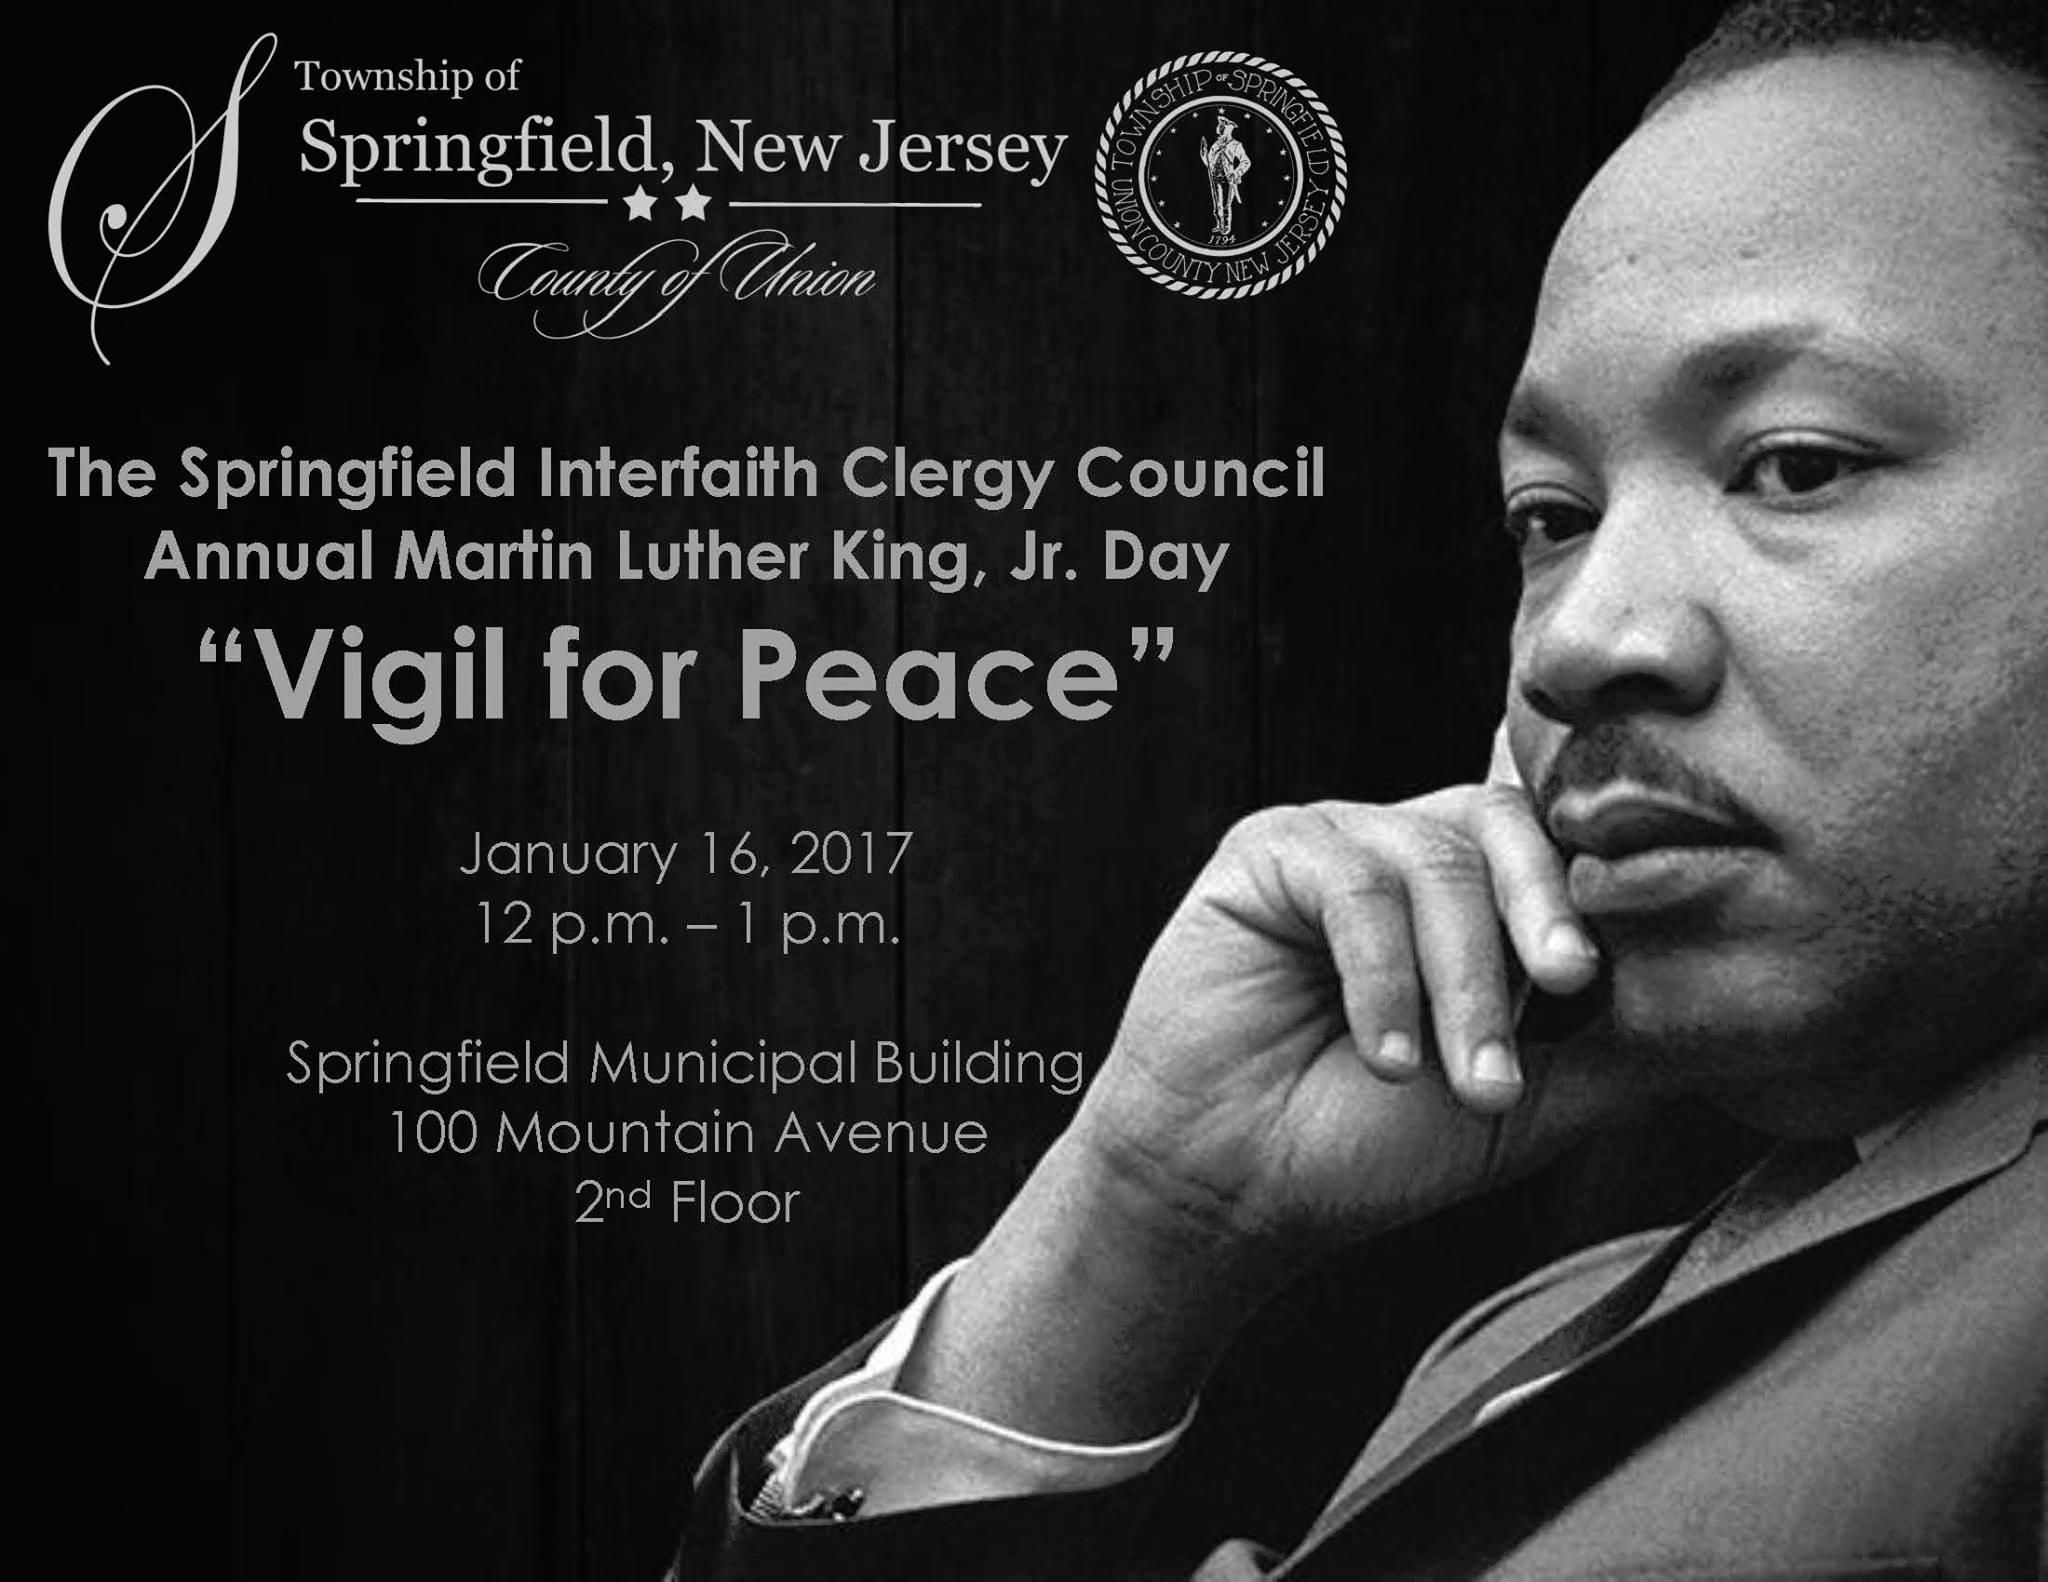 e3118a54d297f004851d_MLK_Day_Vigil_for_Peace.jpg